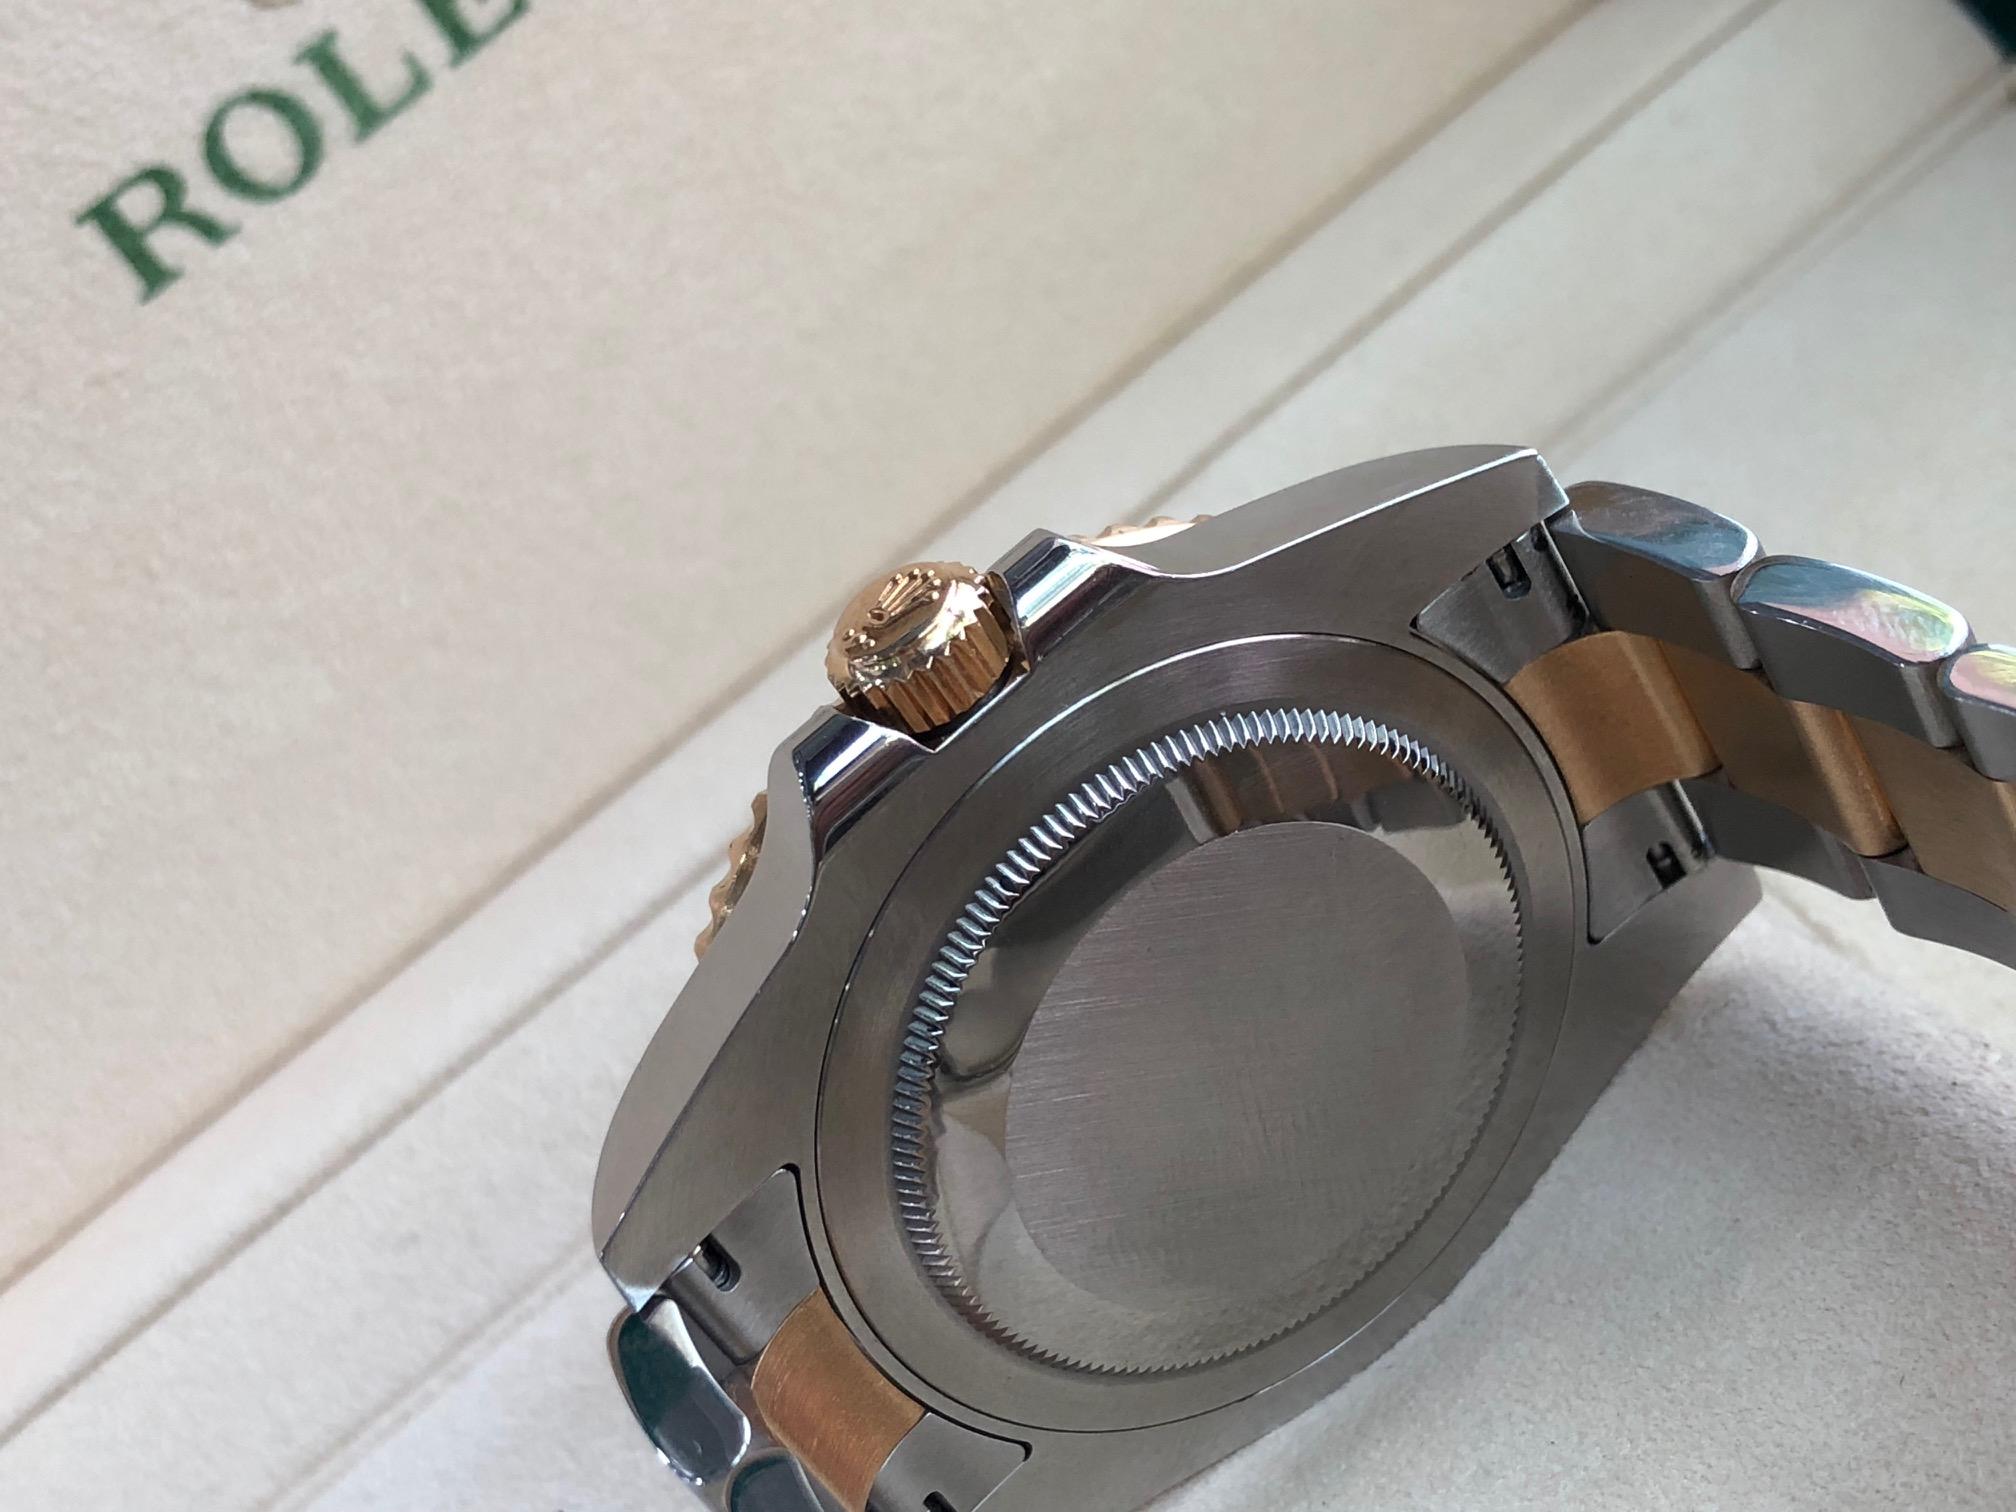 Rolex 116713 GMT mặt đen sản xản xuất năm 2017